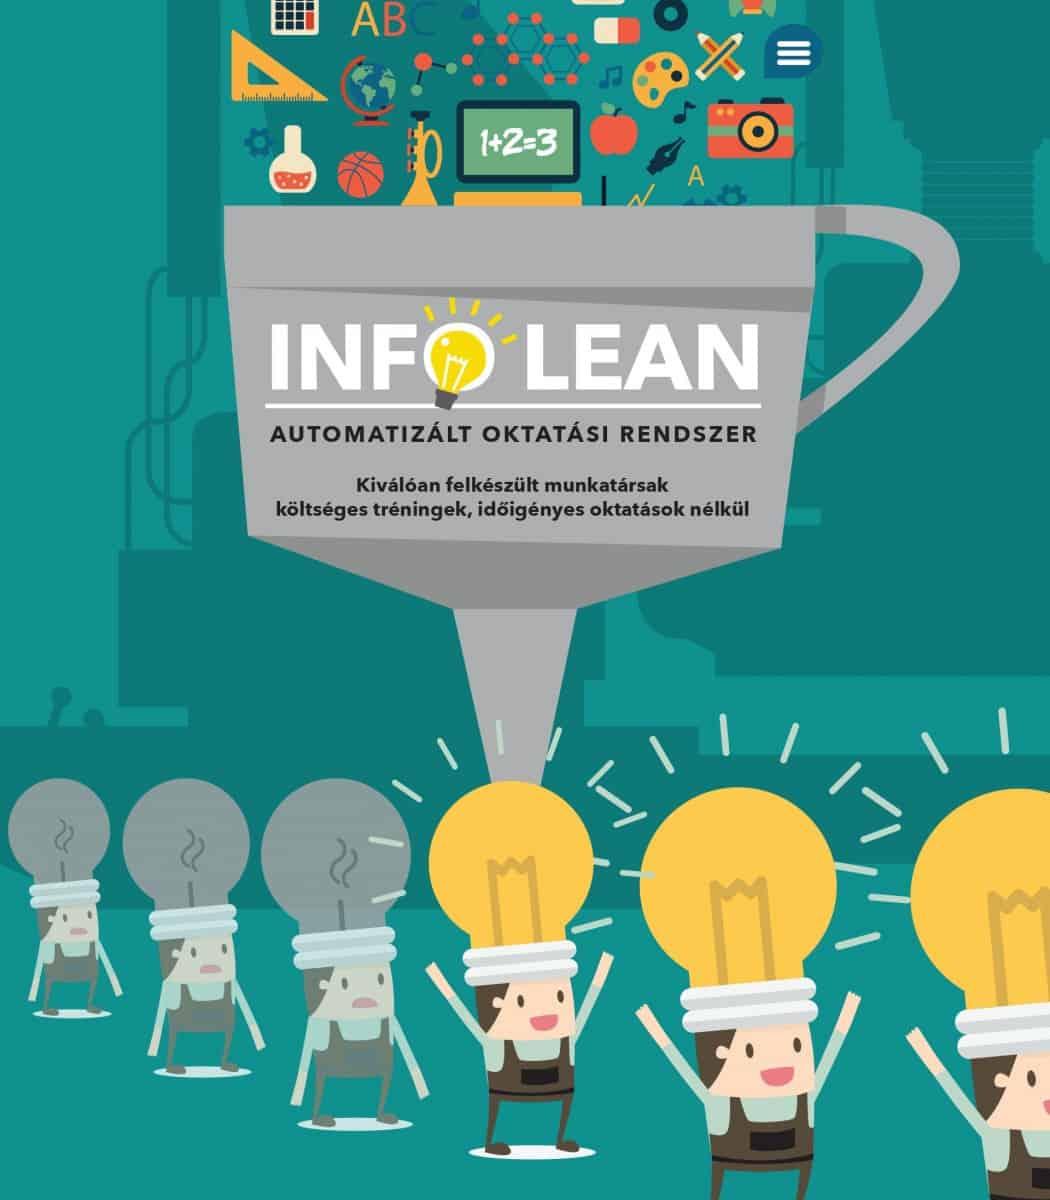 InfoLean automatizált oktatási rendszer